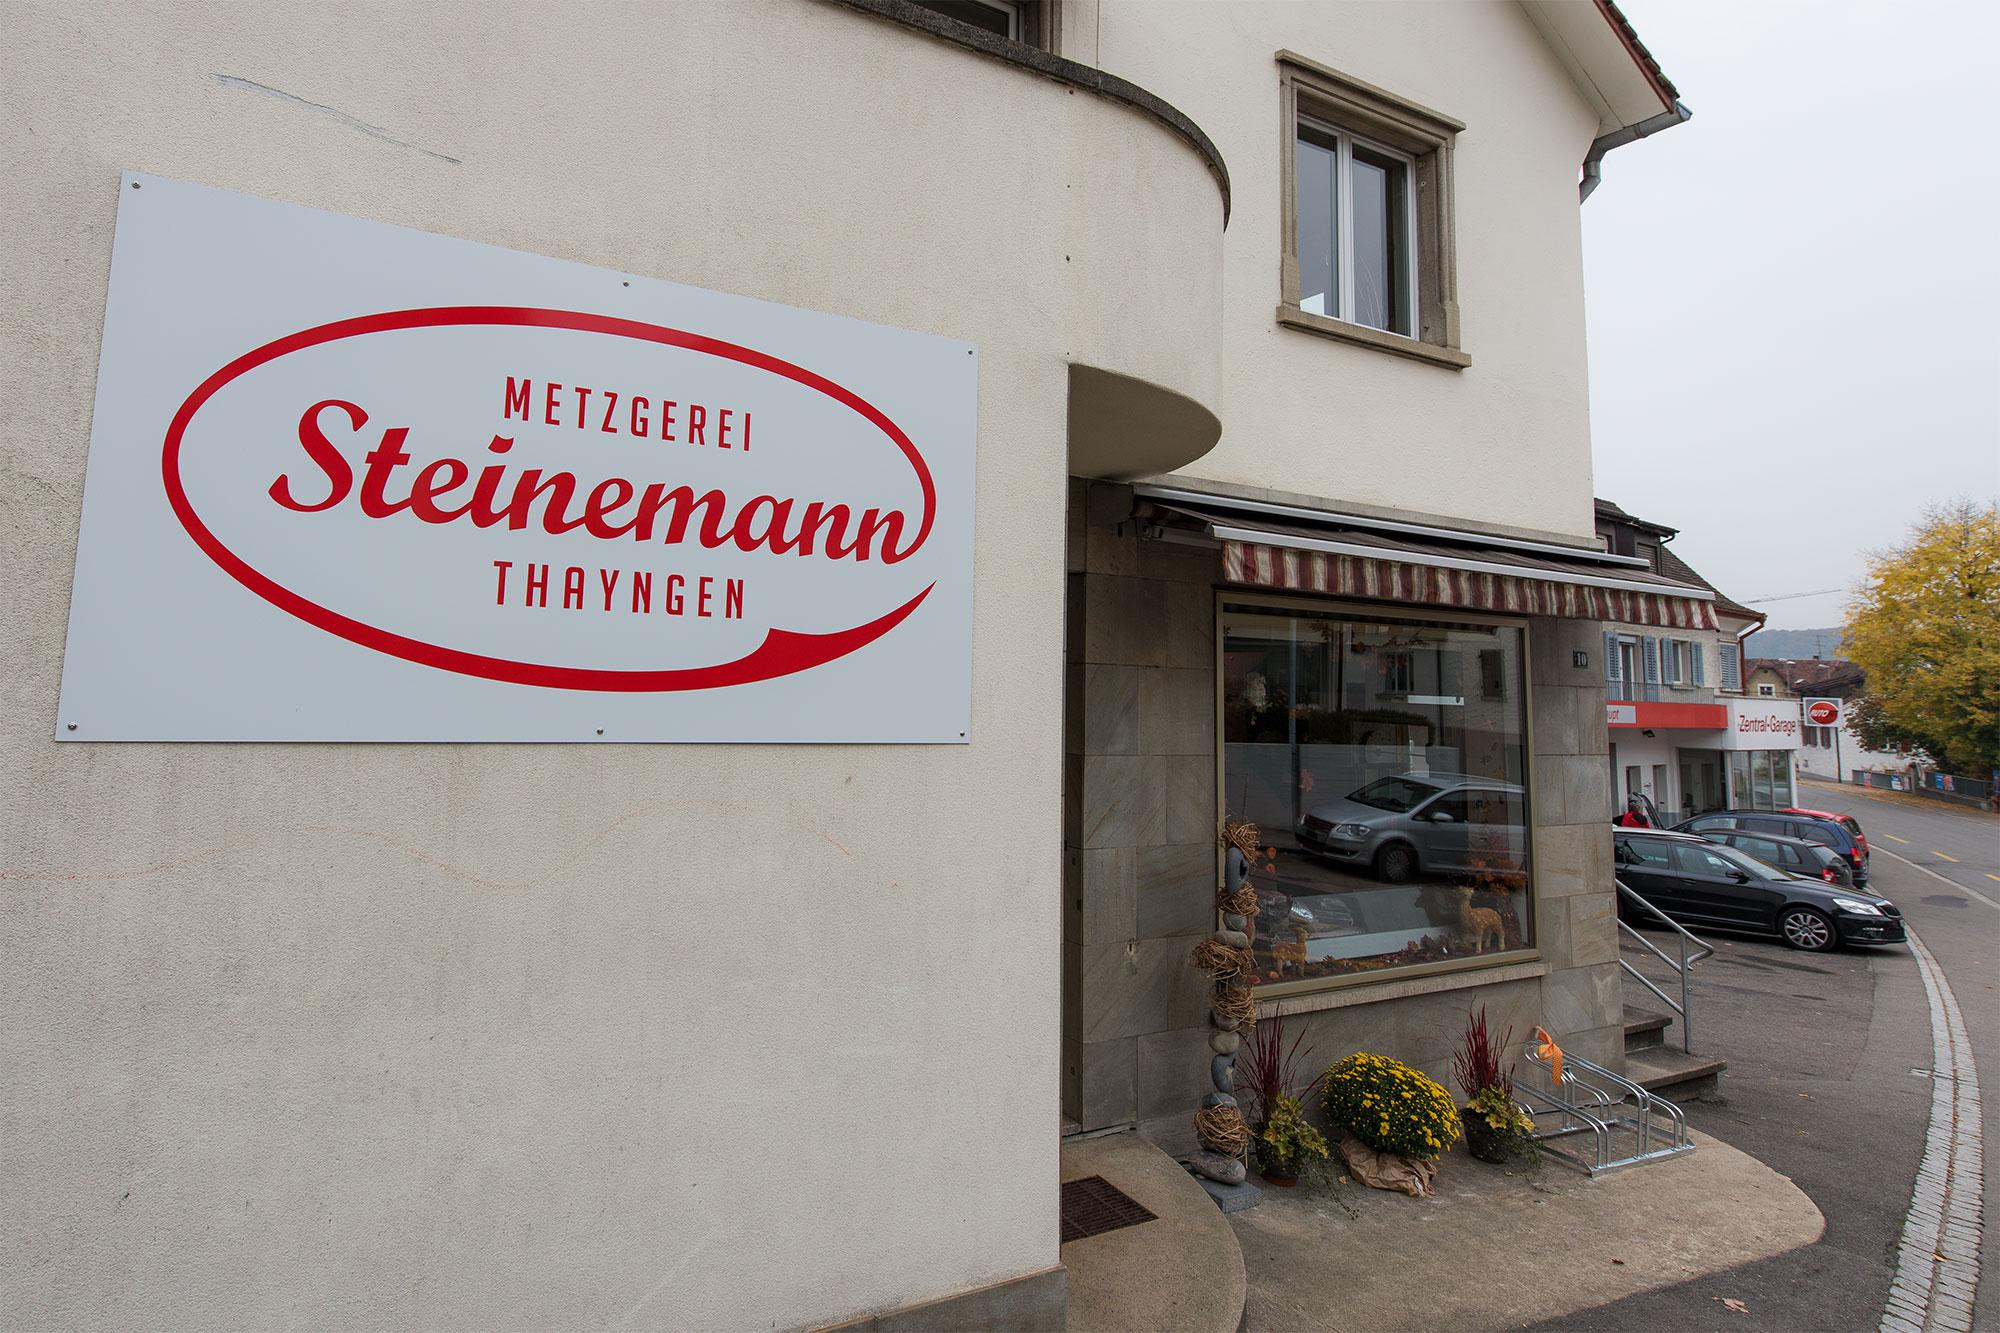 PSC_7619-metzgerei-steinemann-thayngen.jpg